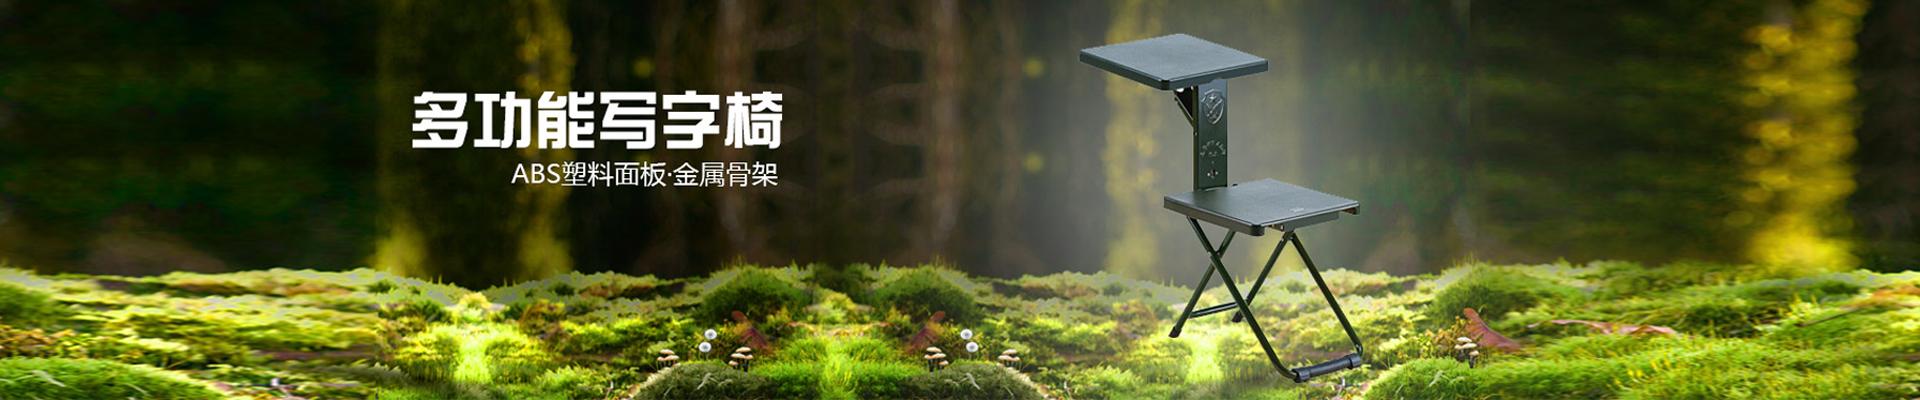 北京东方强晟科技有限公司